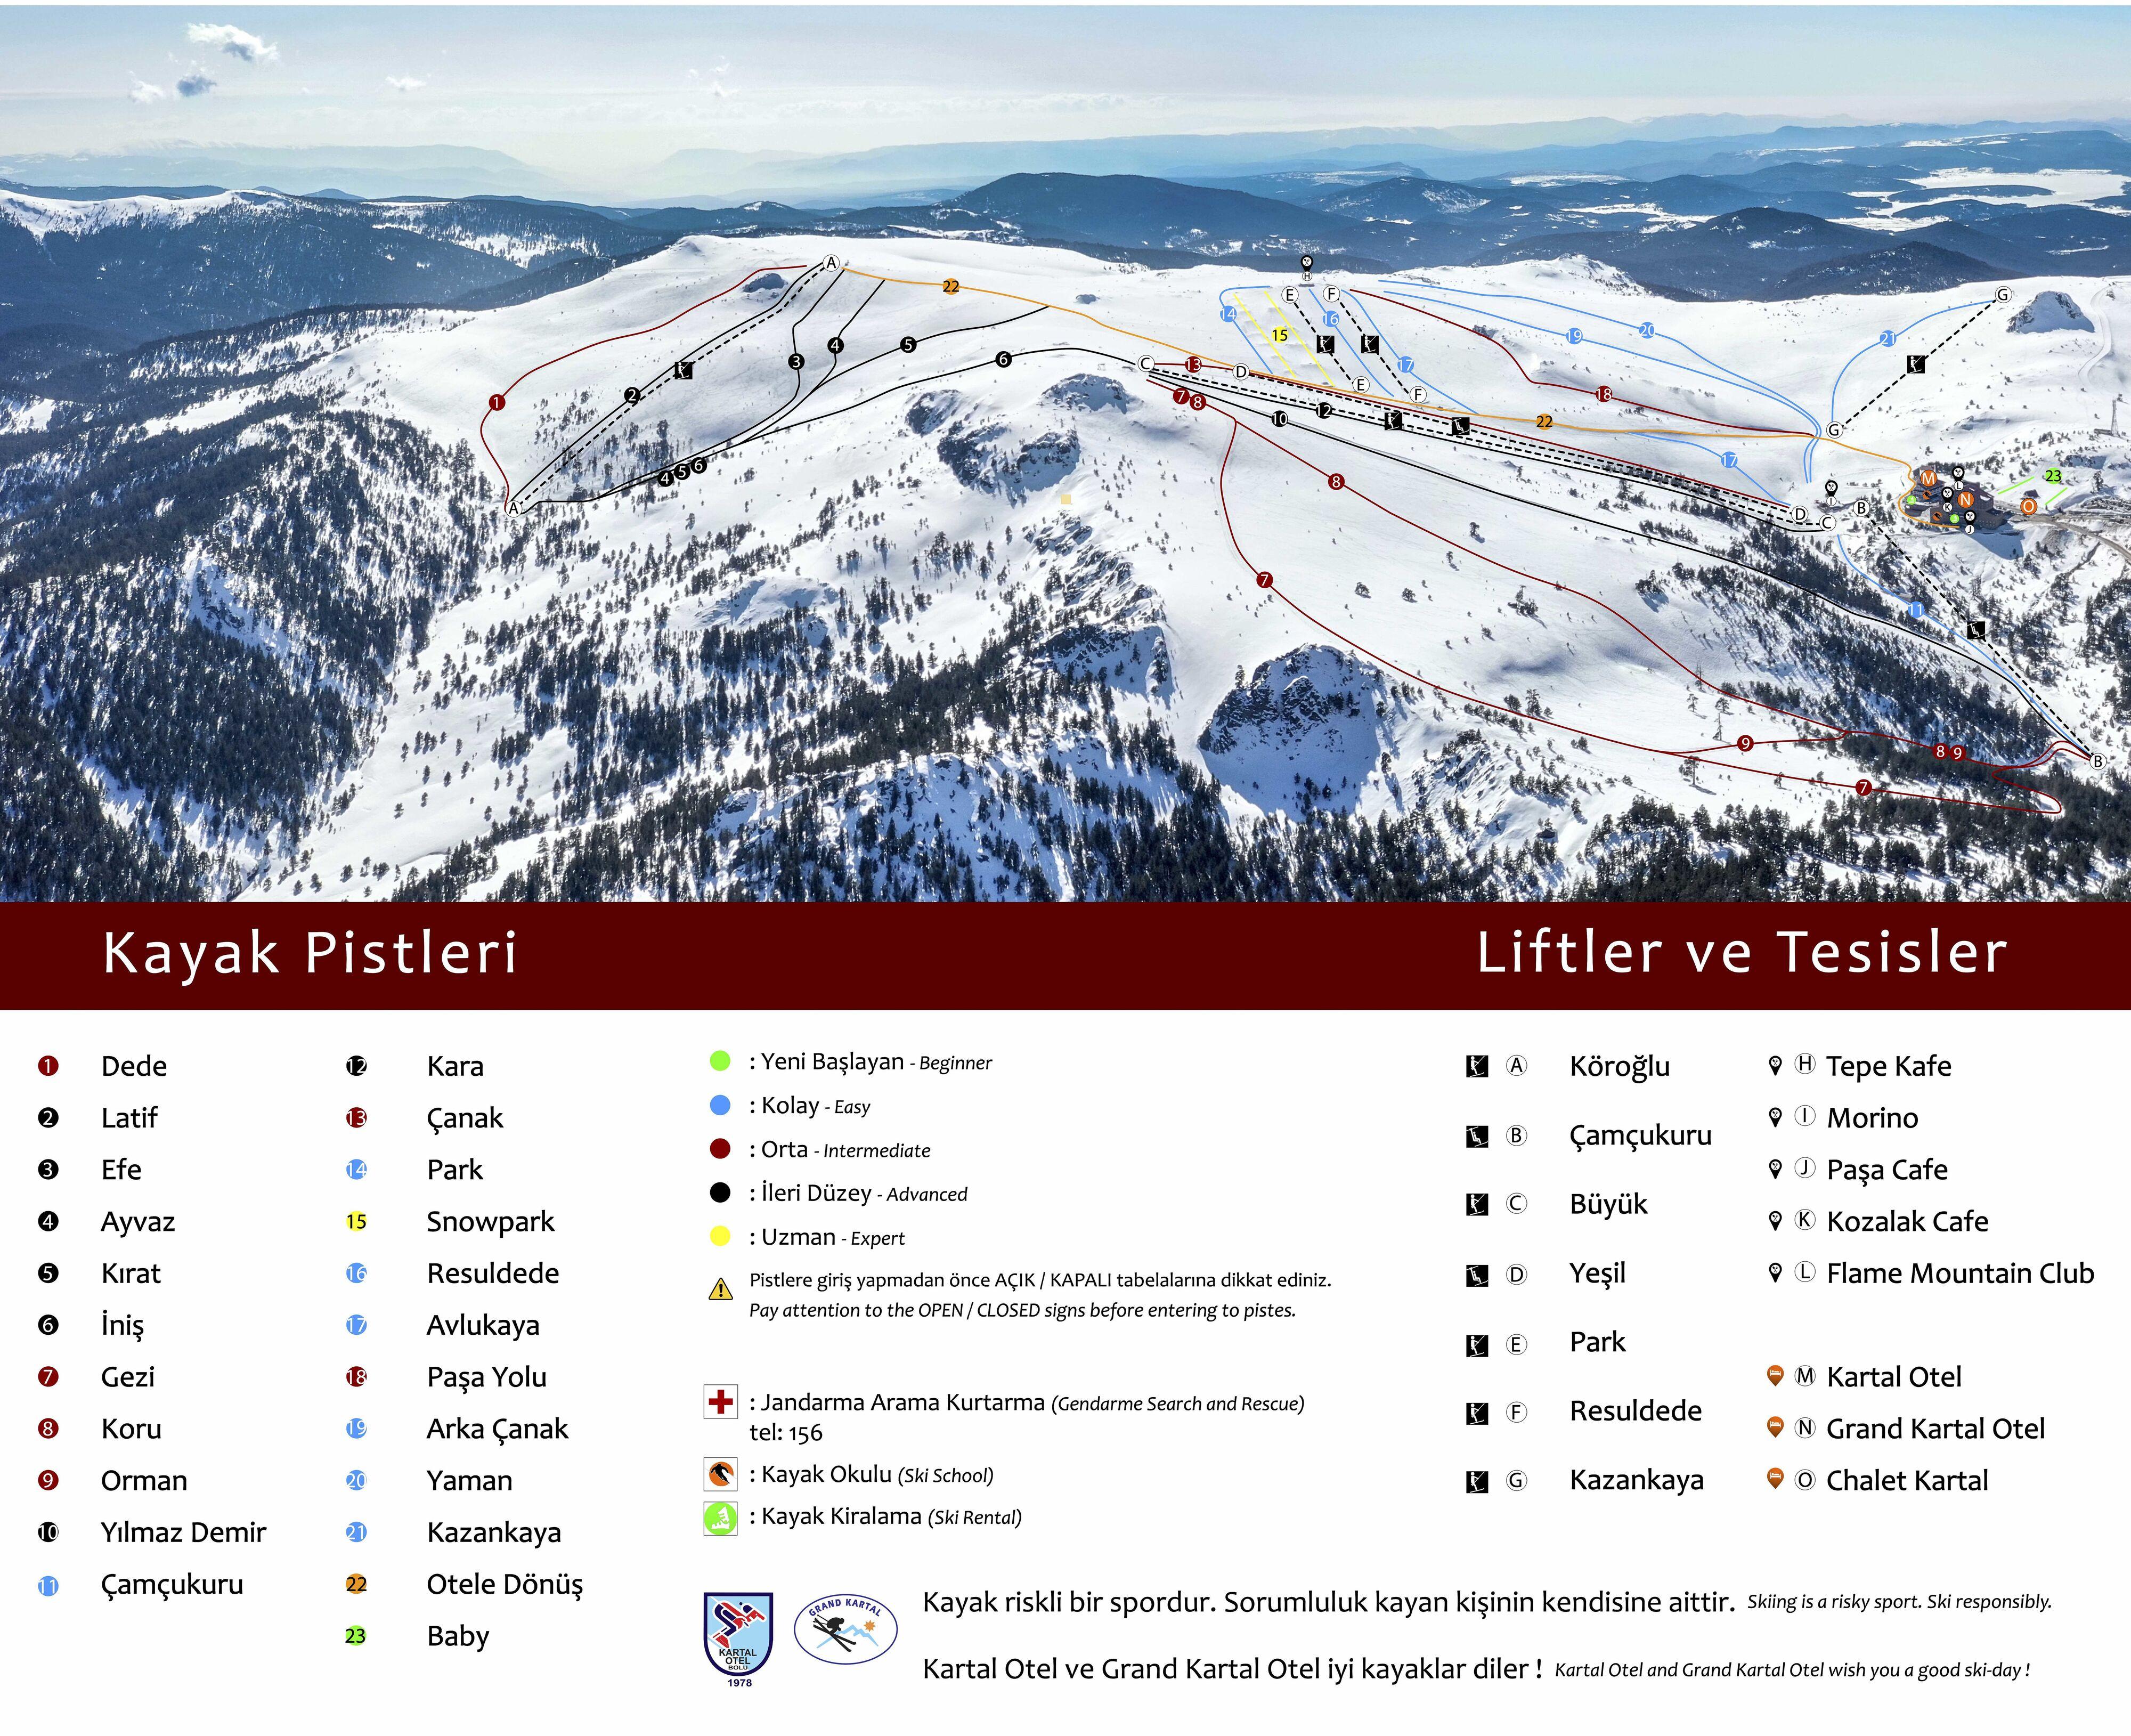 Kartalkaya Ski Resort Guide Location Map Kartalkaya Ski Holiday